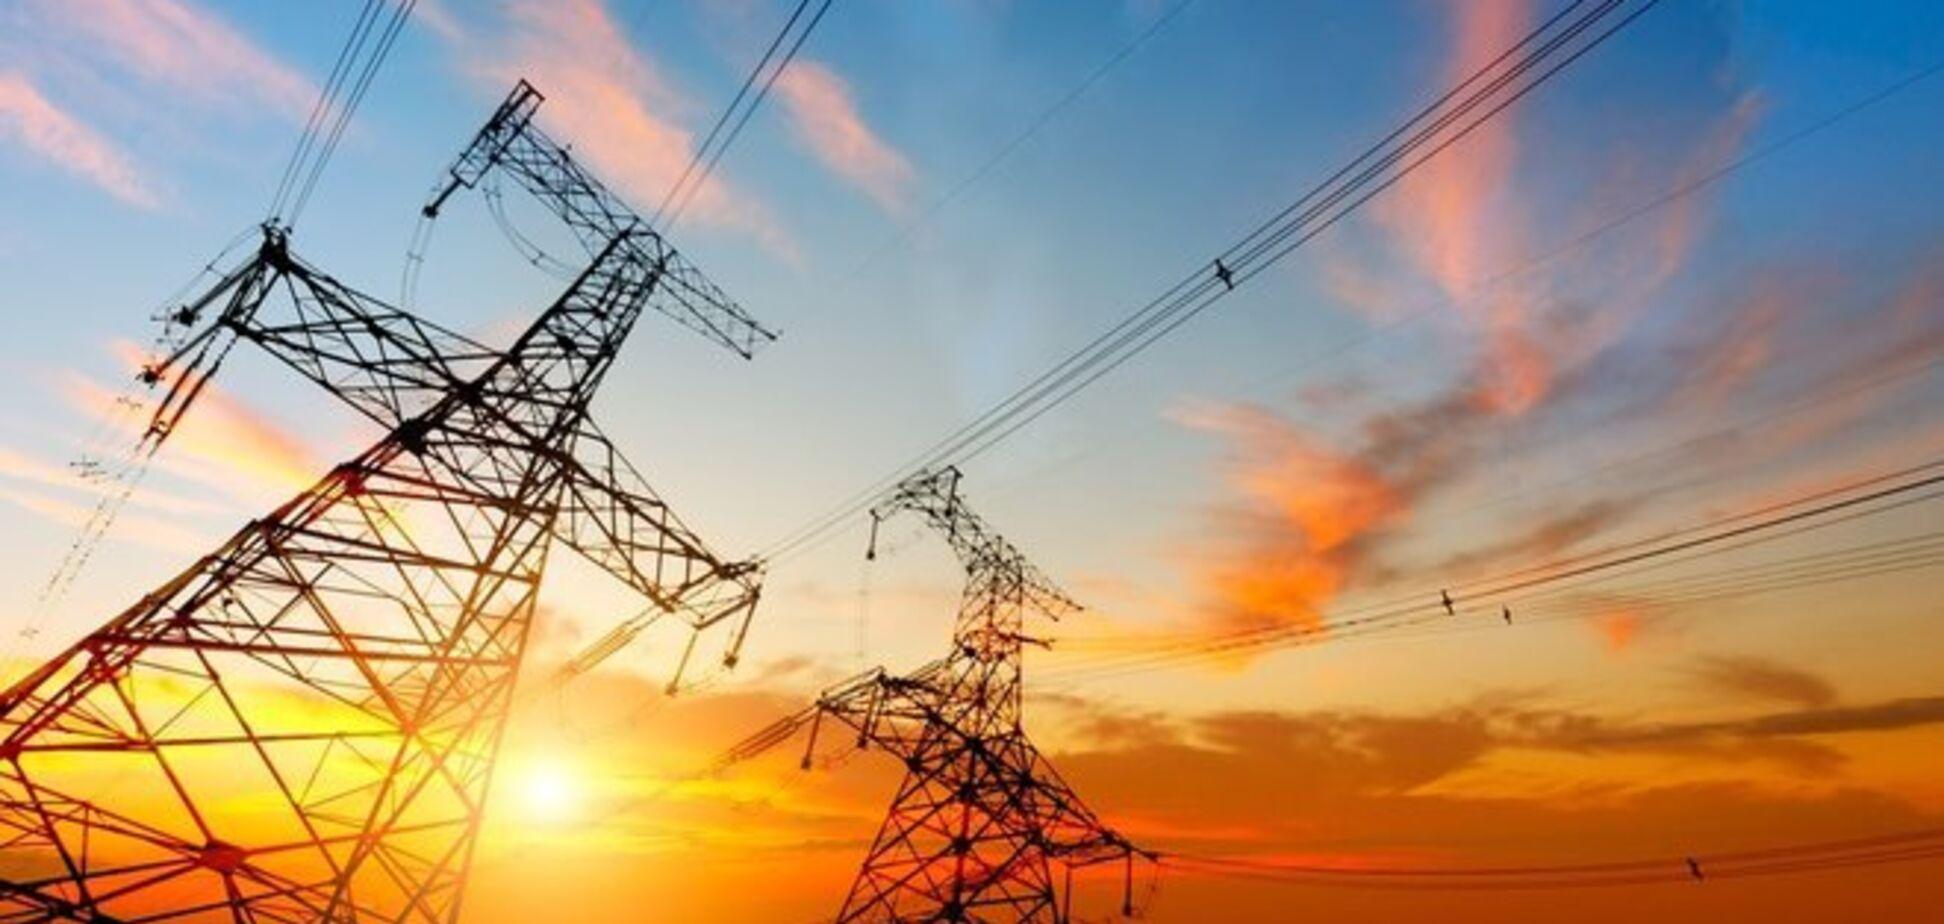 Россия продает Украине дешевый ток, чтобы разрушить отечественную энергосистему